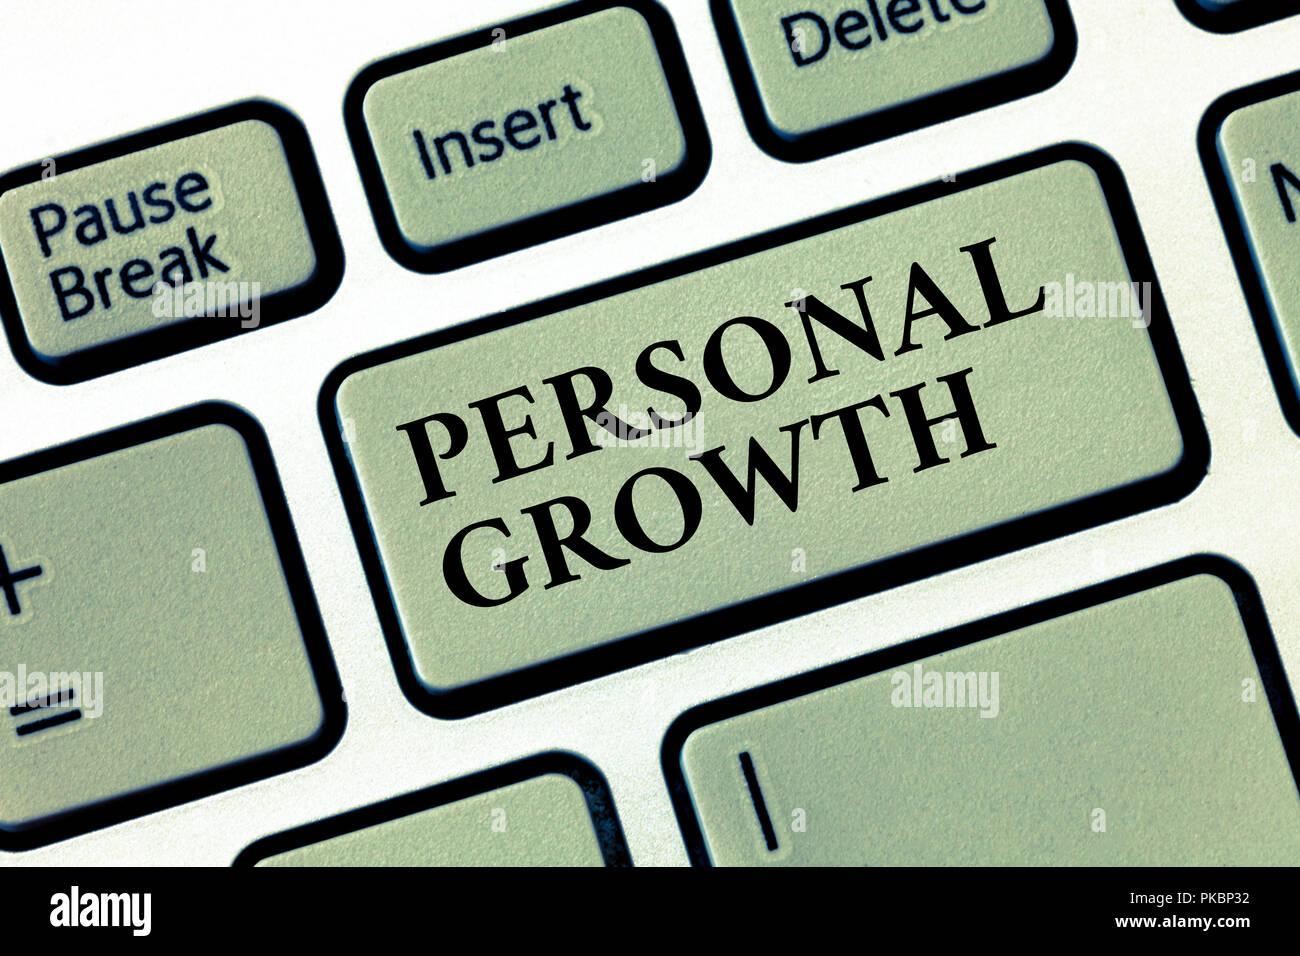 Texto de escritura a mano para el crecimiento personal. Concepto Significado mejorar desarrollar tus habilidades cualidades aprender nuevos materiales. Imagen De Stock